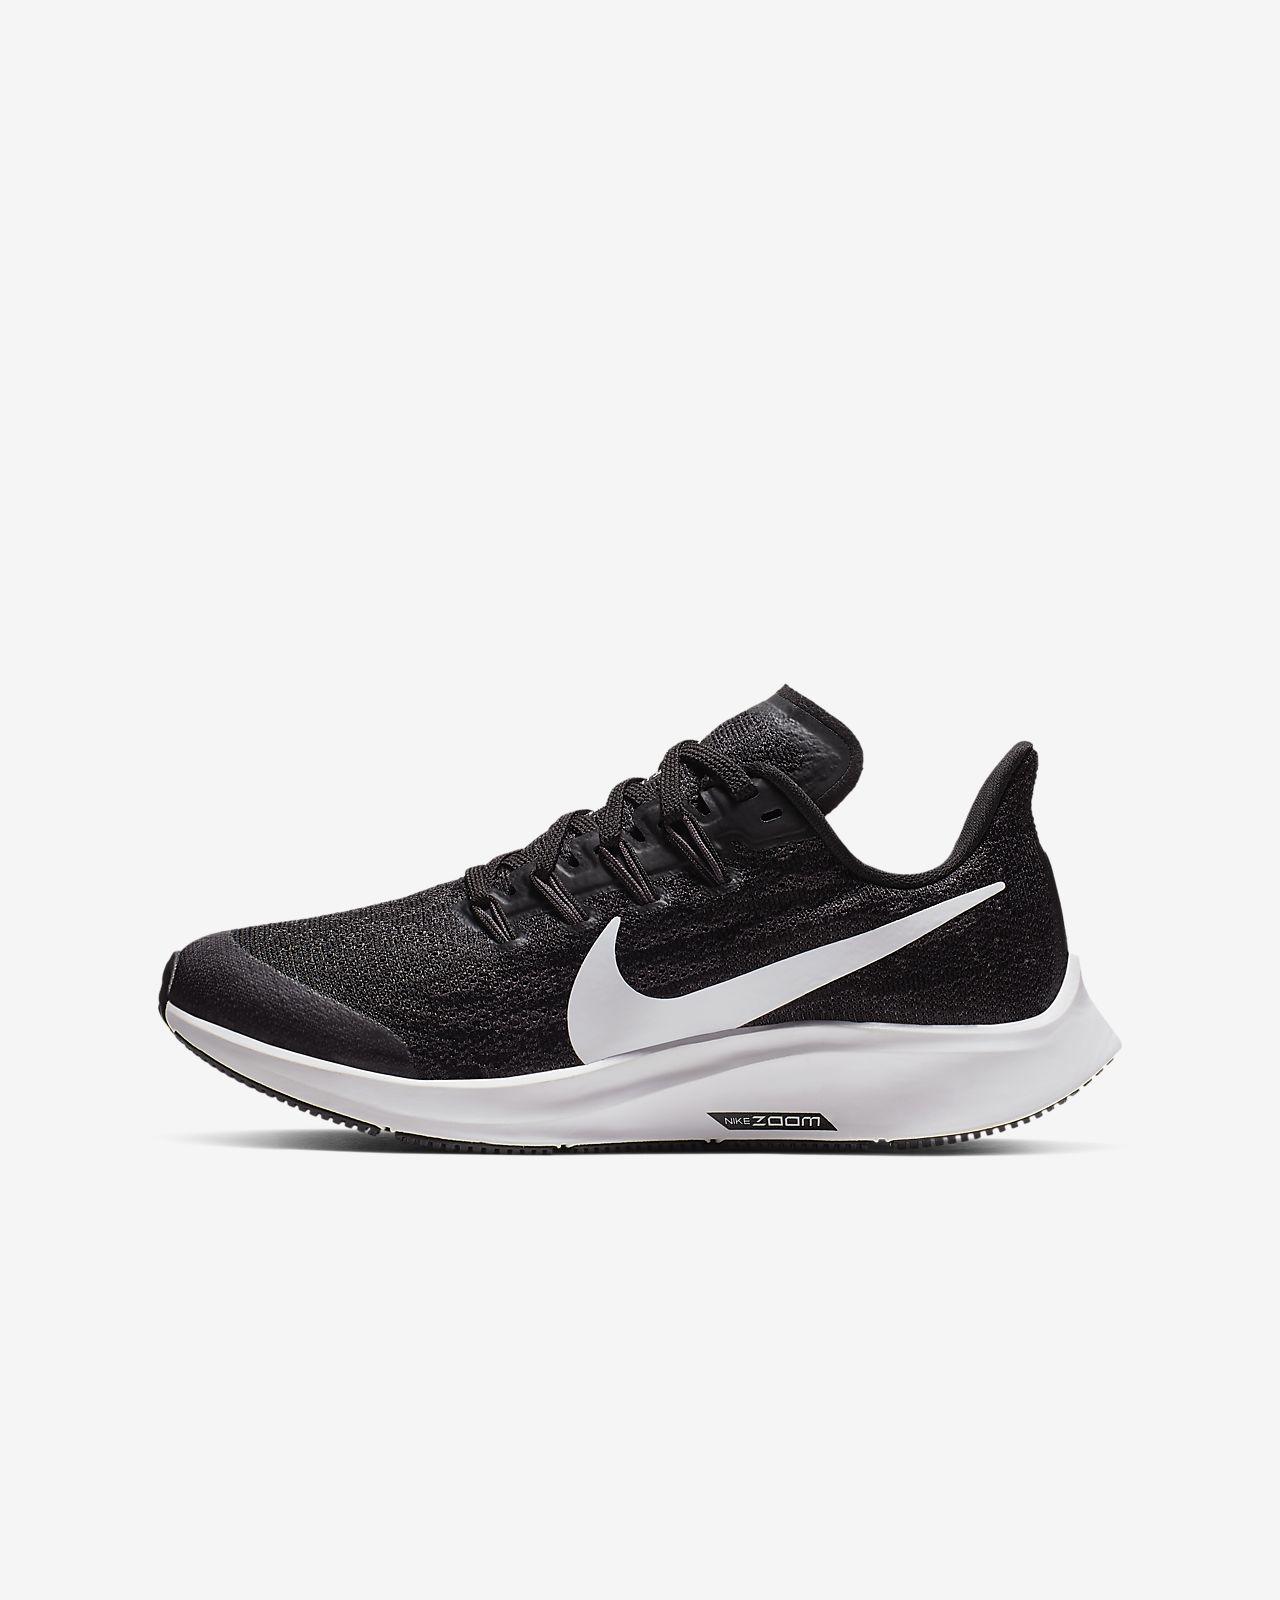 Herbst Winter 2017 Nike Schwarz Nike Air Zoom Pegasus 33